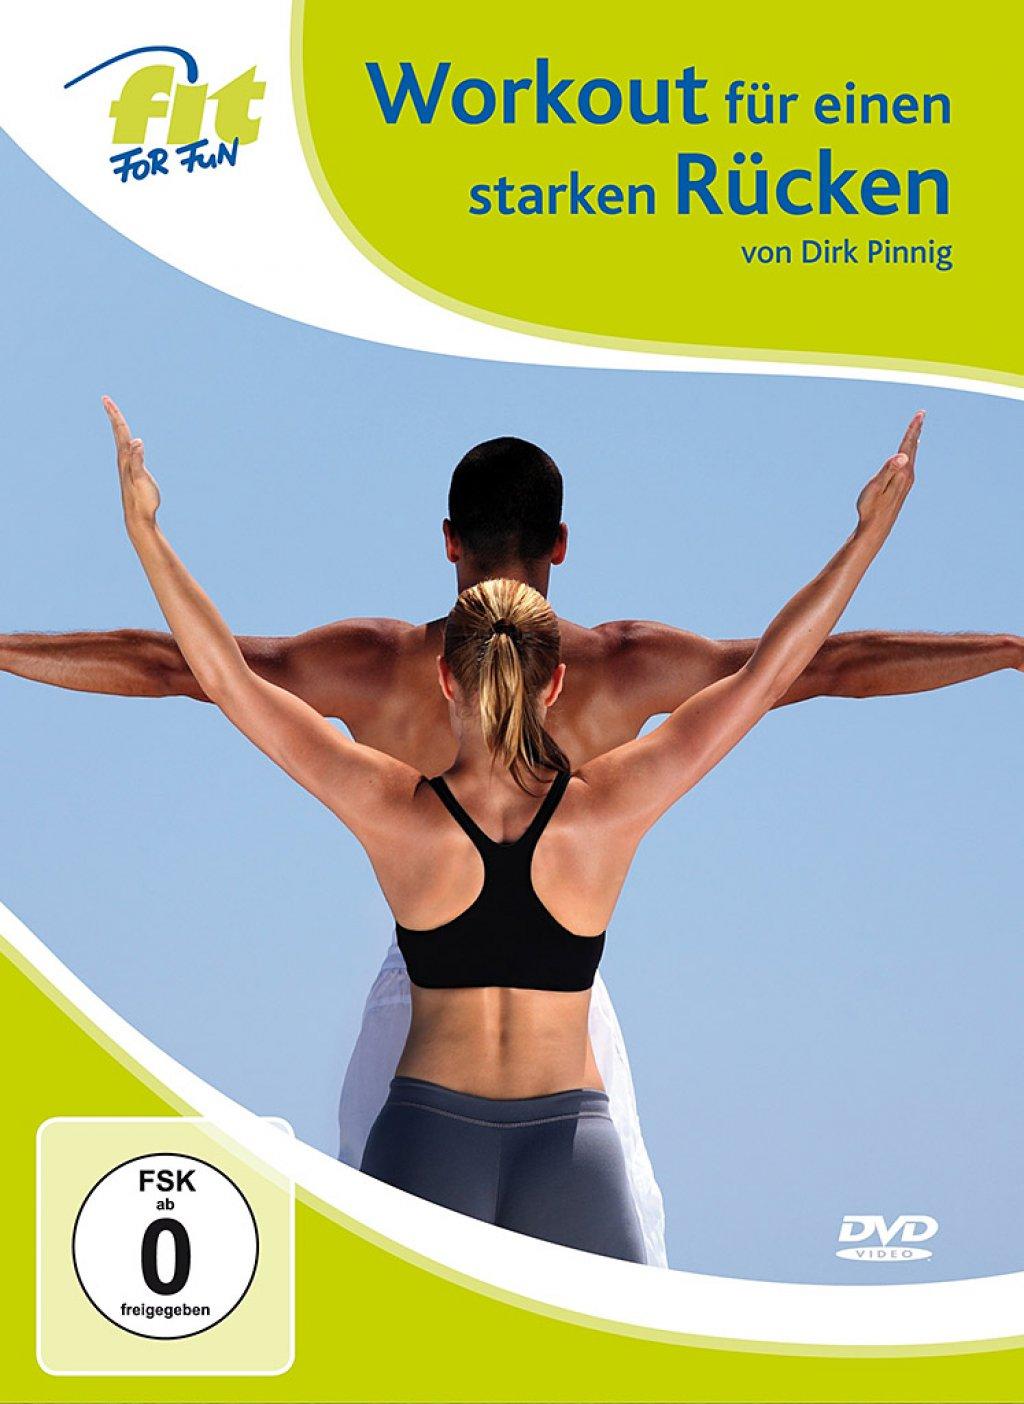 Fit for Fun - Workout für einen starken Rücken (DVD)